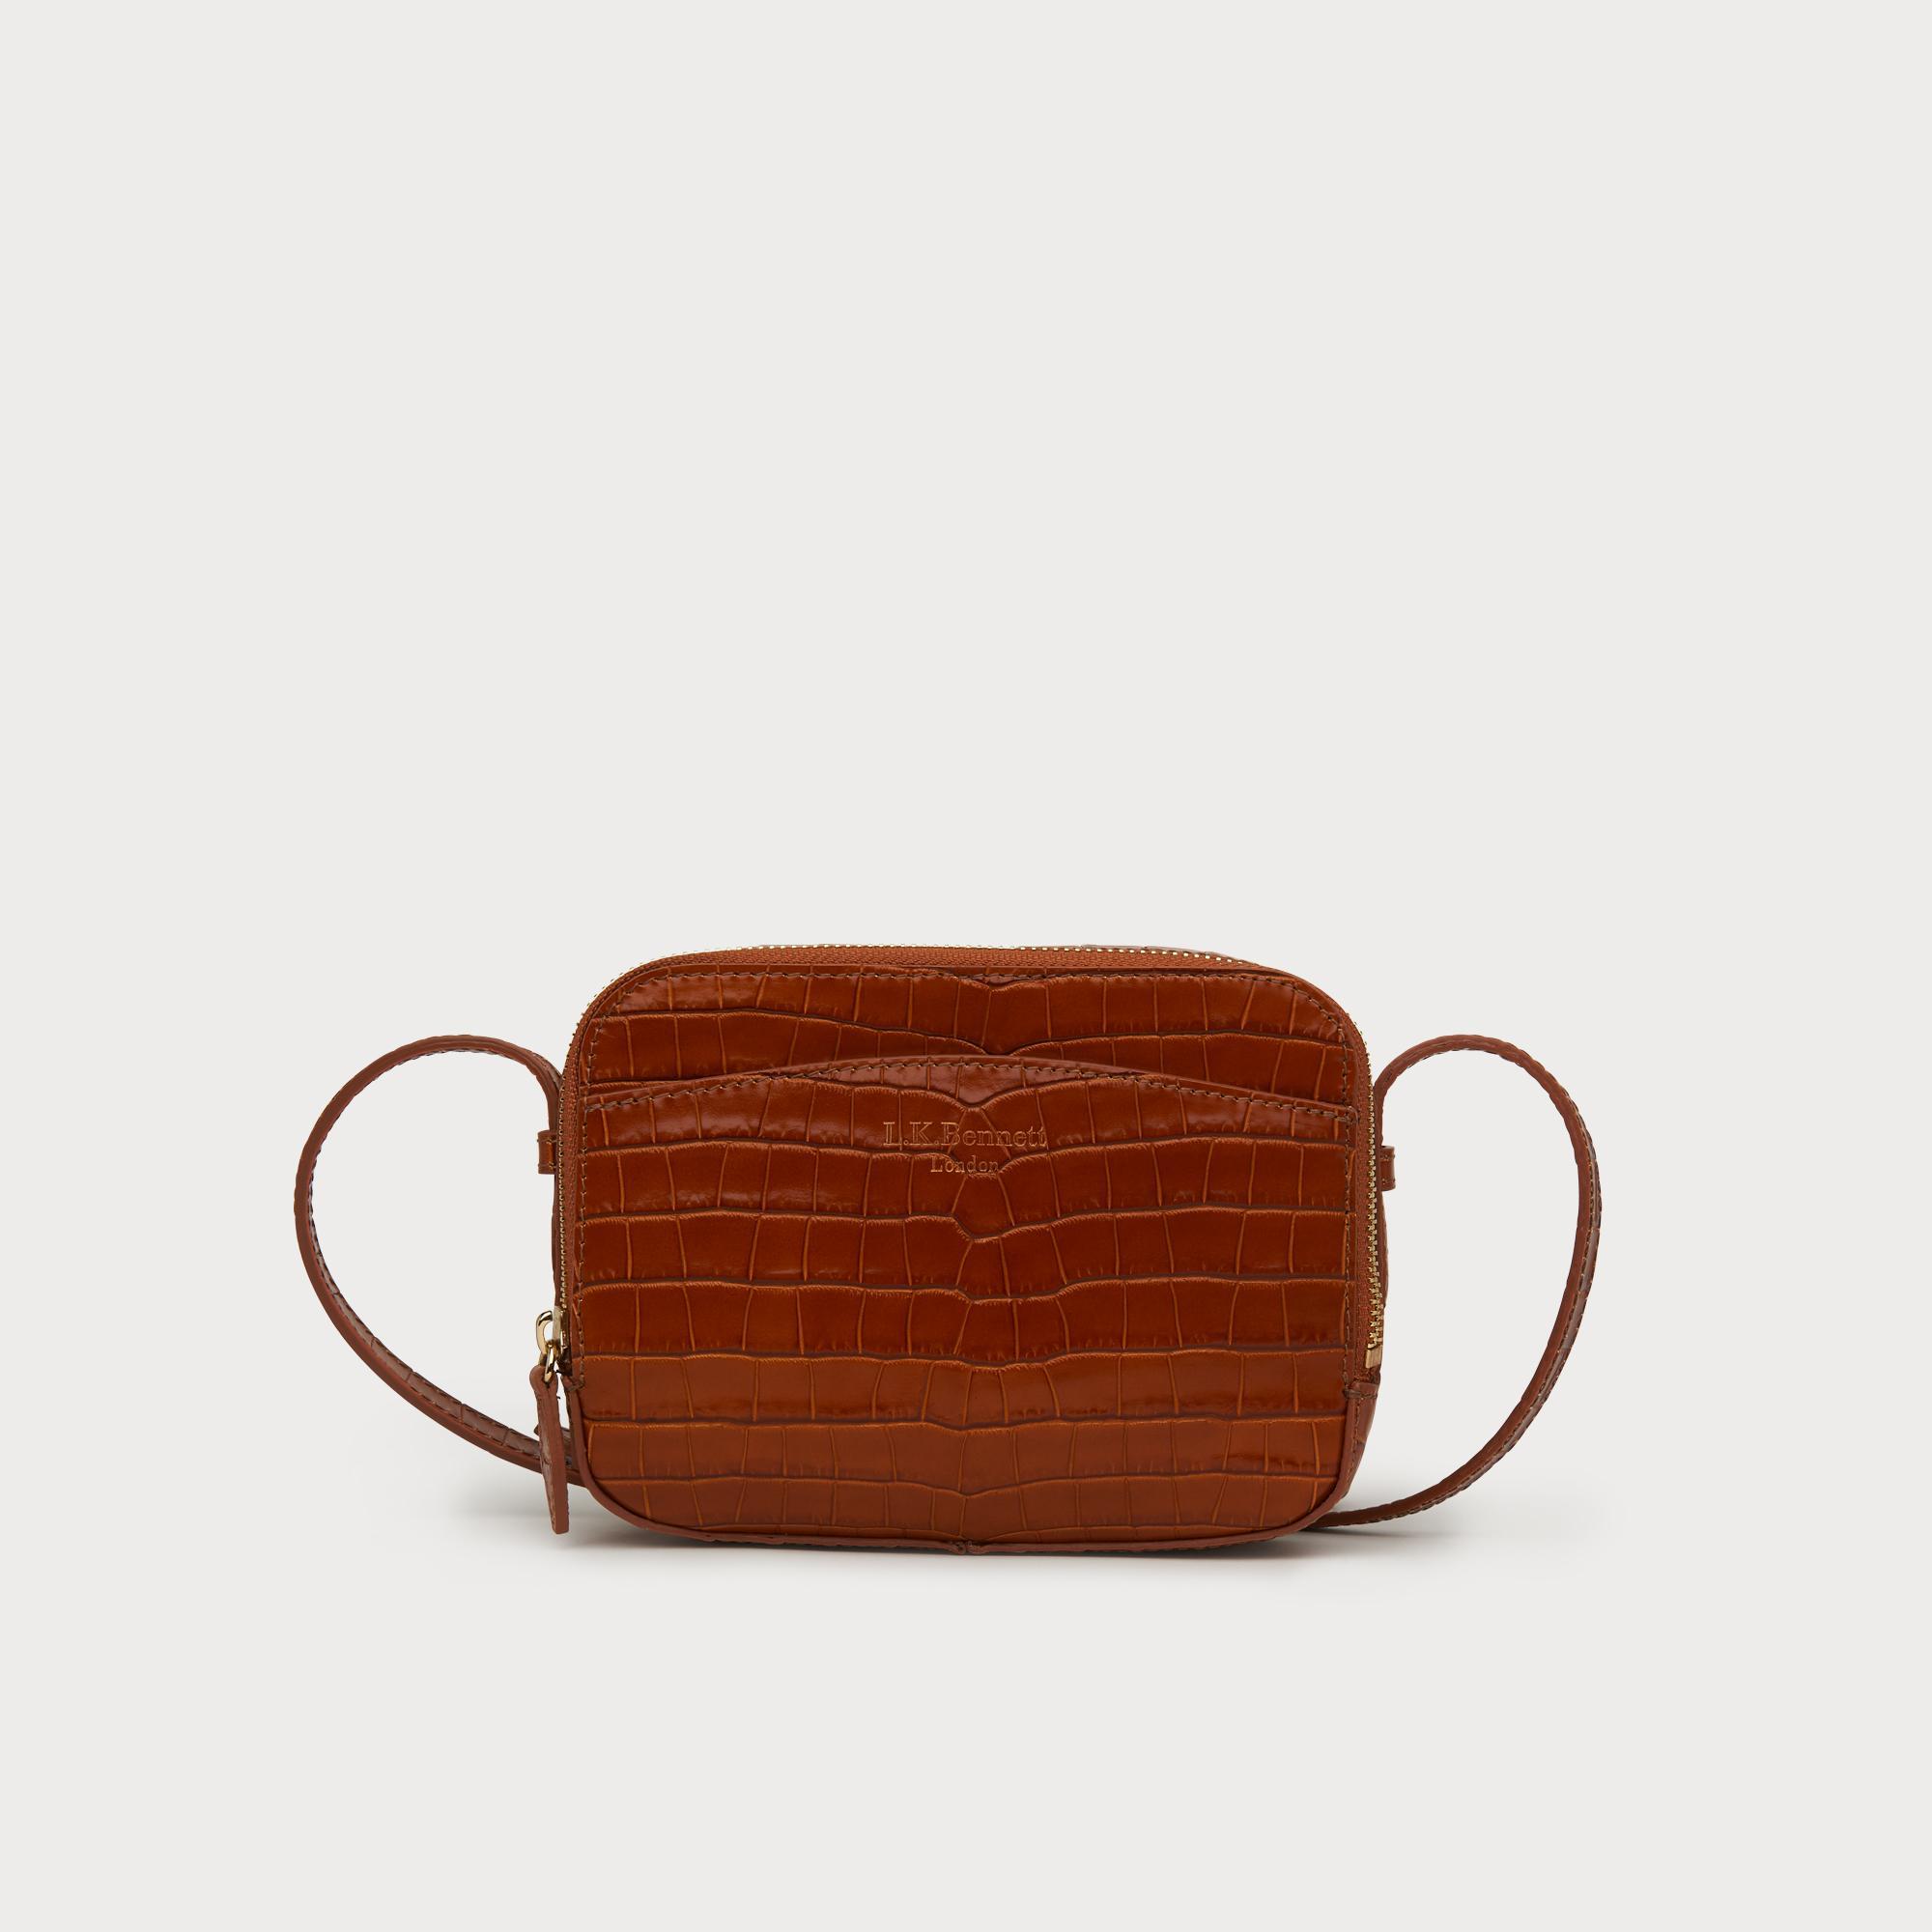 29445b2562c5 Mariel Tan Croc Effect Shoulder Bag | Handbags | L.K.Bennett